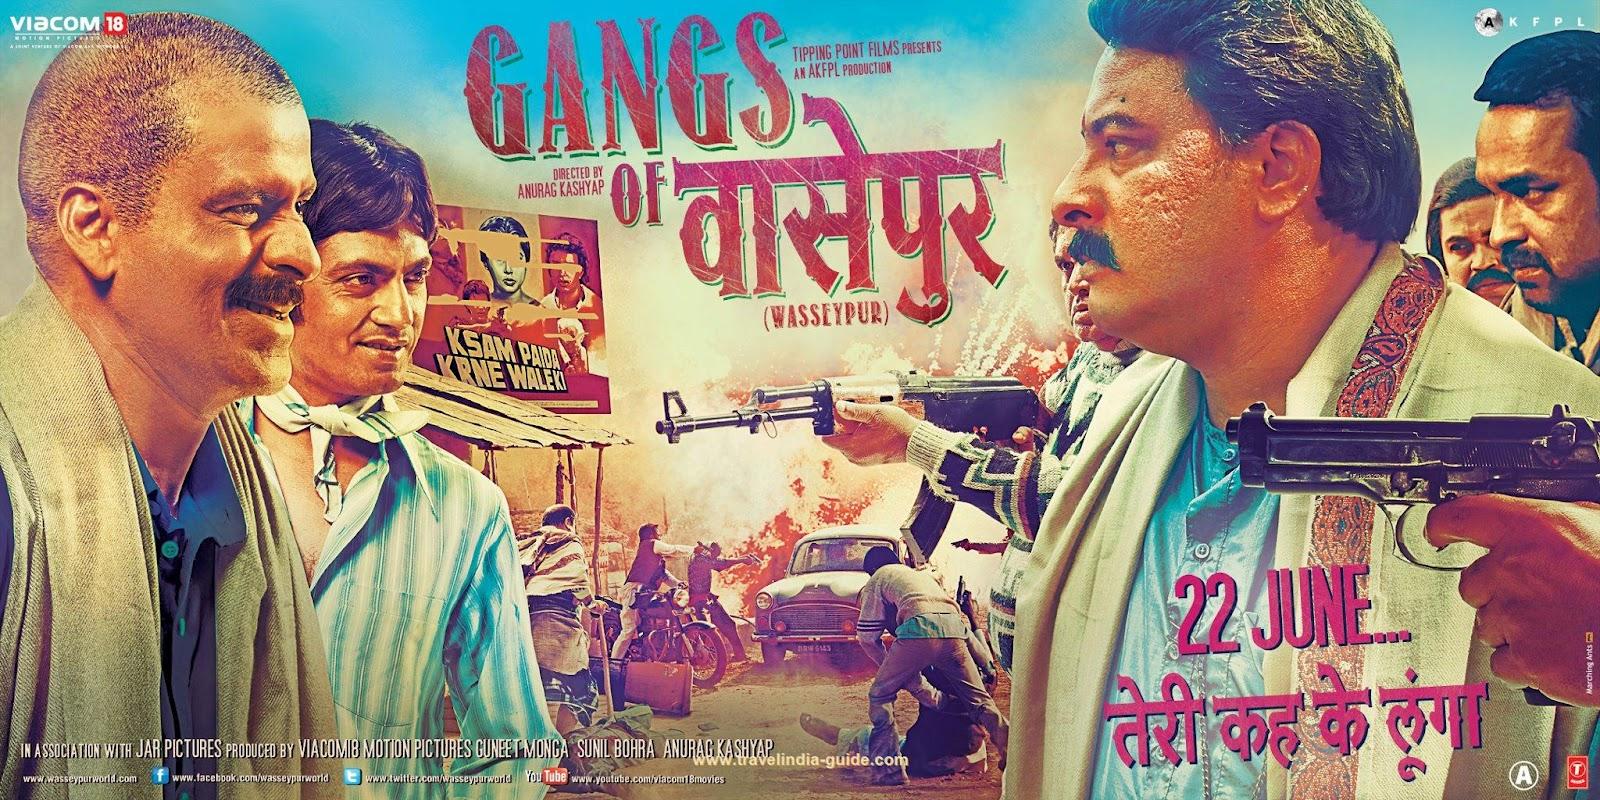 http://1.bp.blogspot.com/-lJhULI6wJGQ/T_1tFh3QiBI/AAAAAAAAAAg/SH0XtA7YSkI/s1600/gangs-of-wasseypur-new-posters-and-wallpapers-abX.jpg